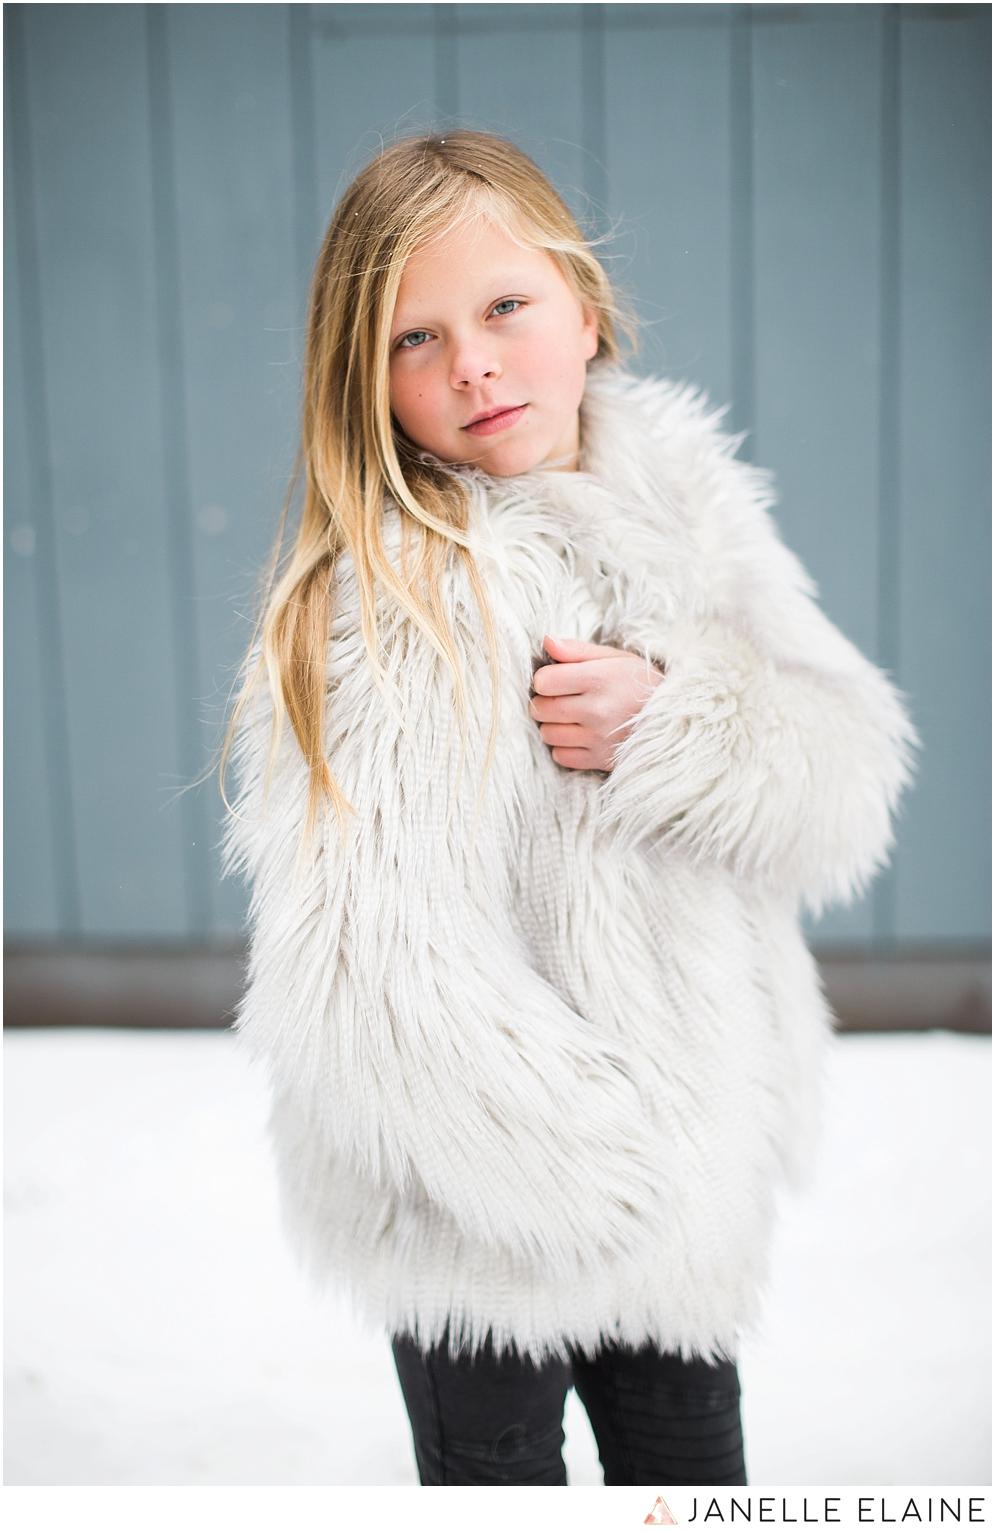 seattle-washington lifestyle photographer-janelle elaine-callie and char-39.jpg